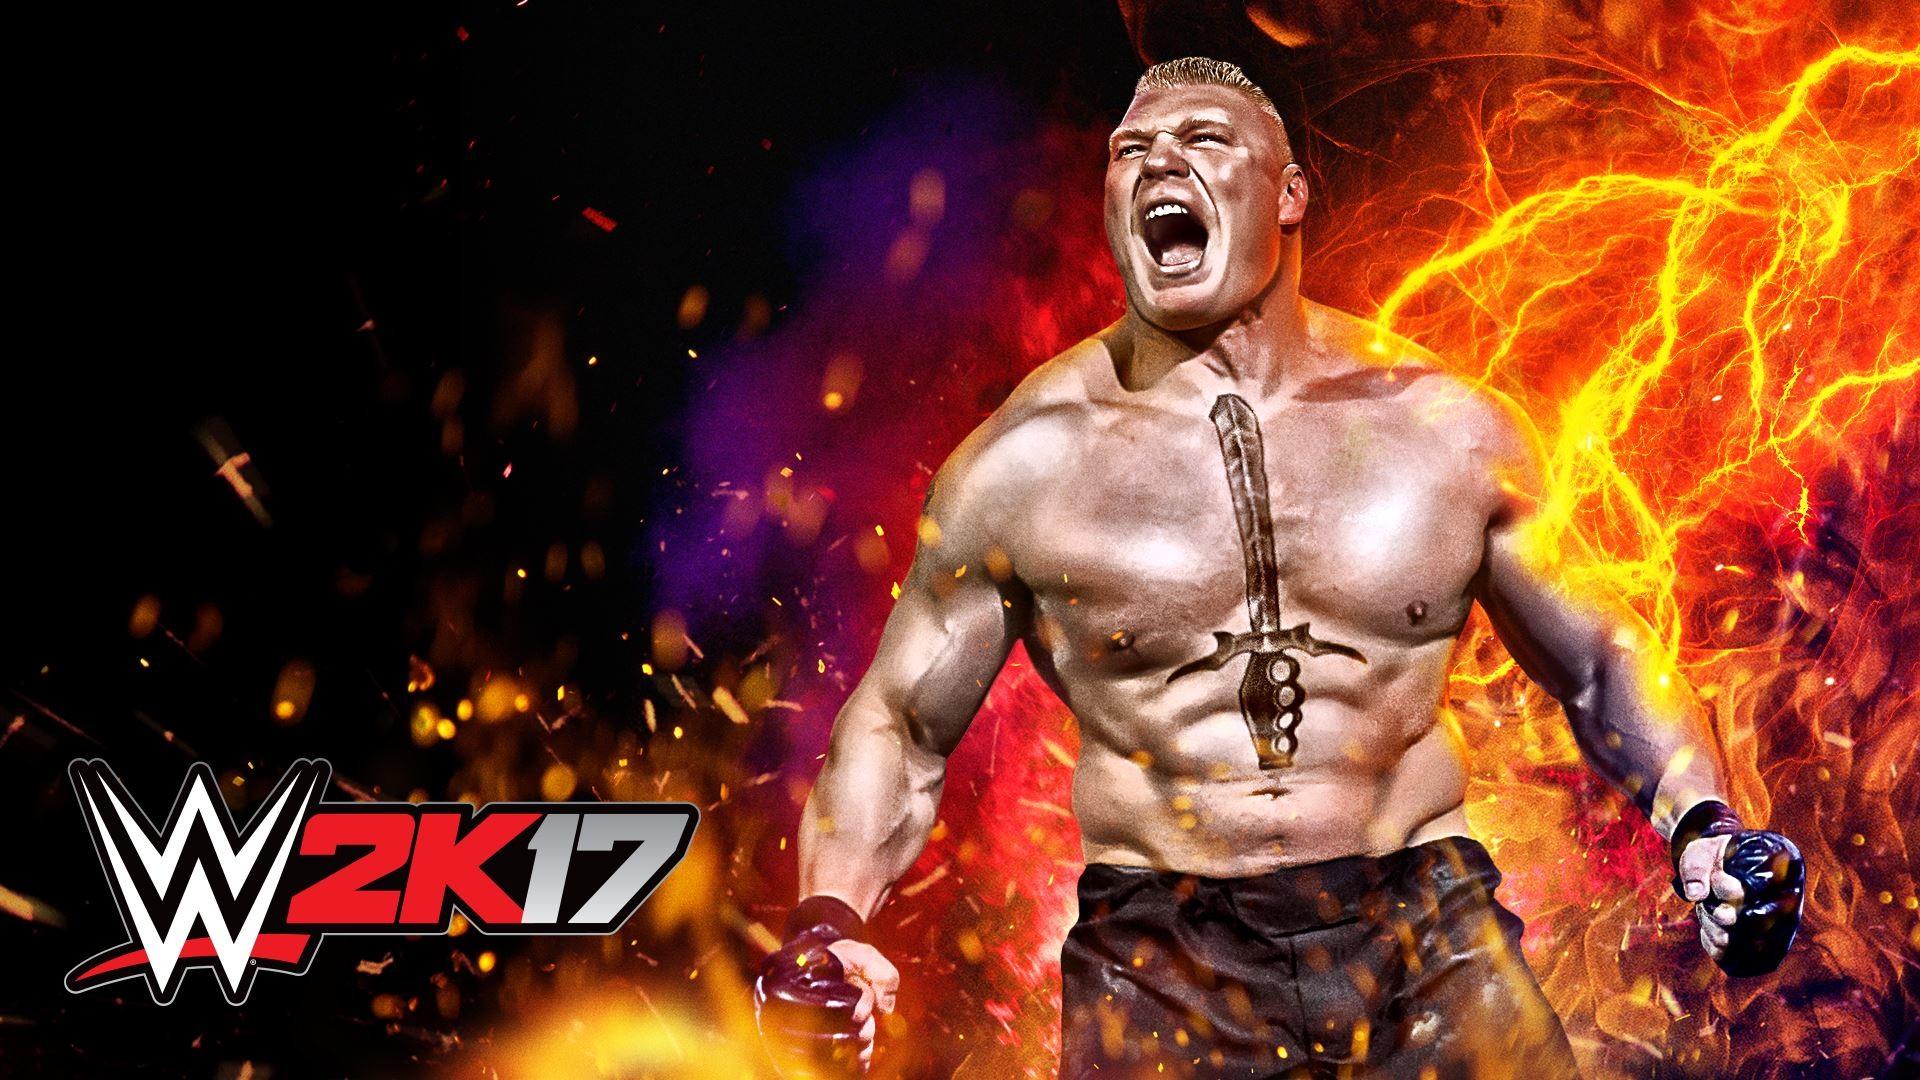 WWE 2K17 Brock Lesnar Wallpaper (Cover Art) …